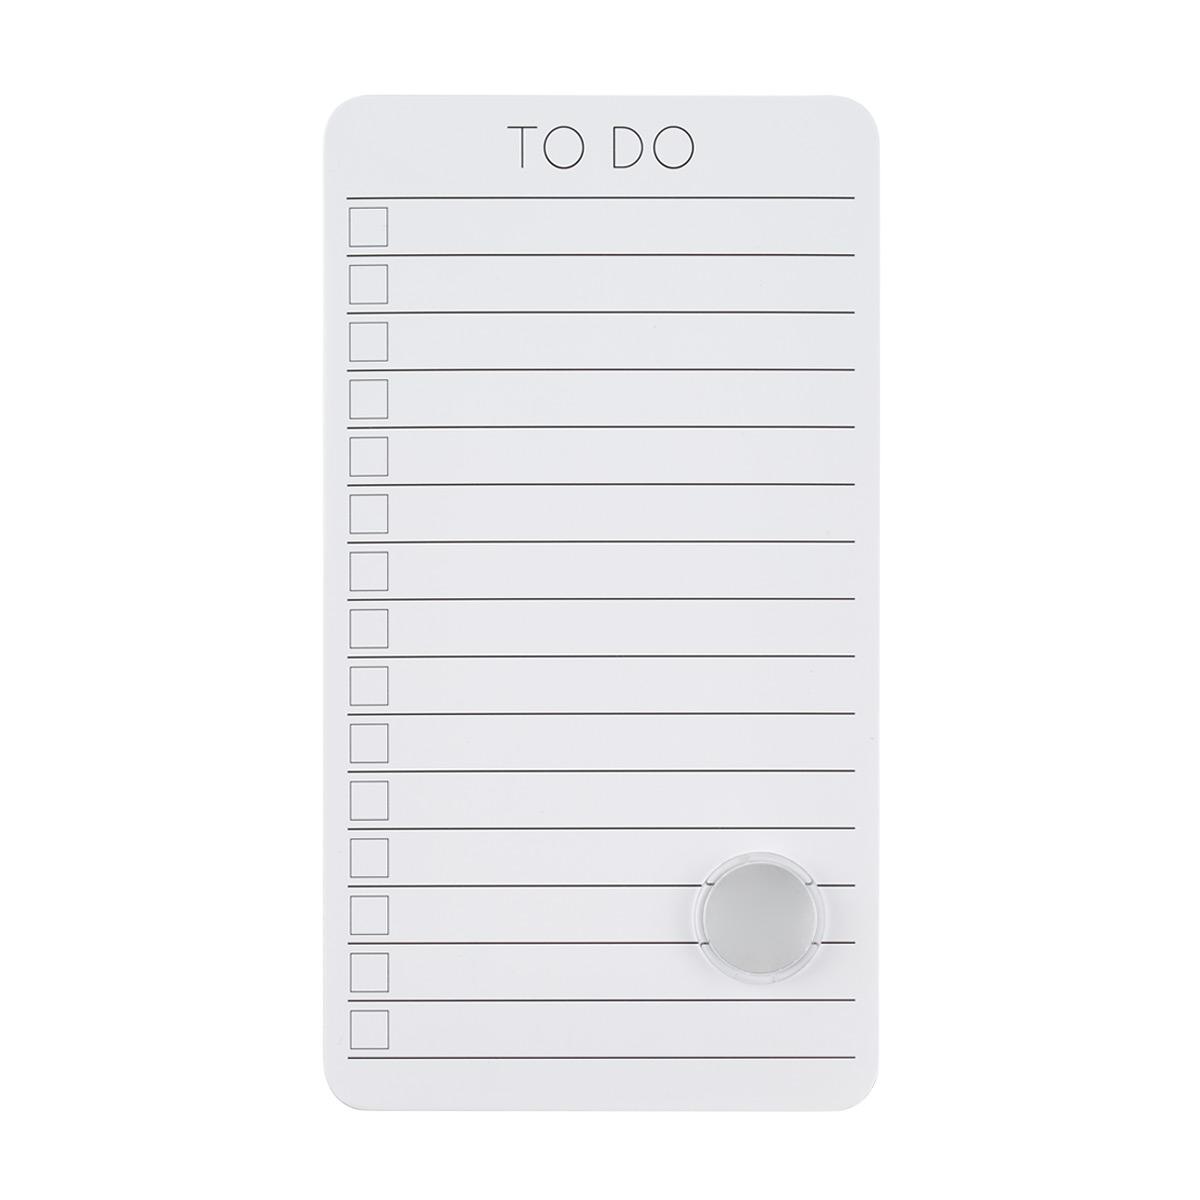 Dry Erase To-Do Memo Board